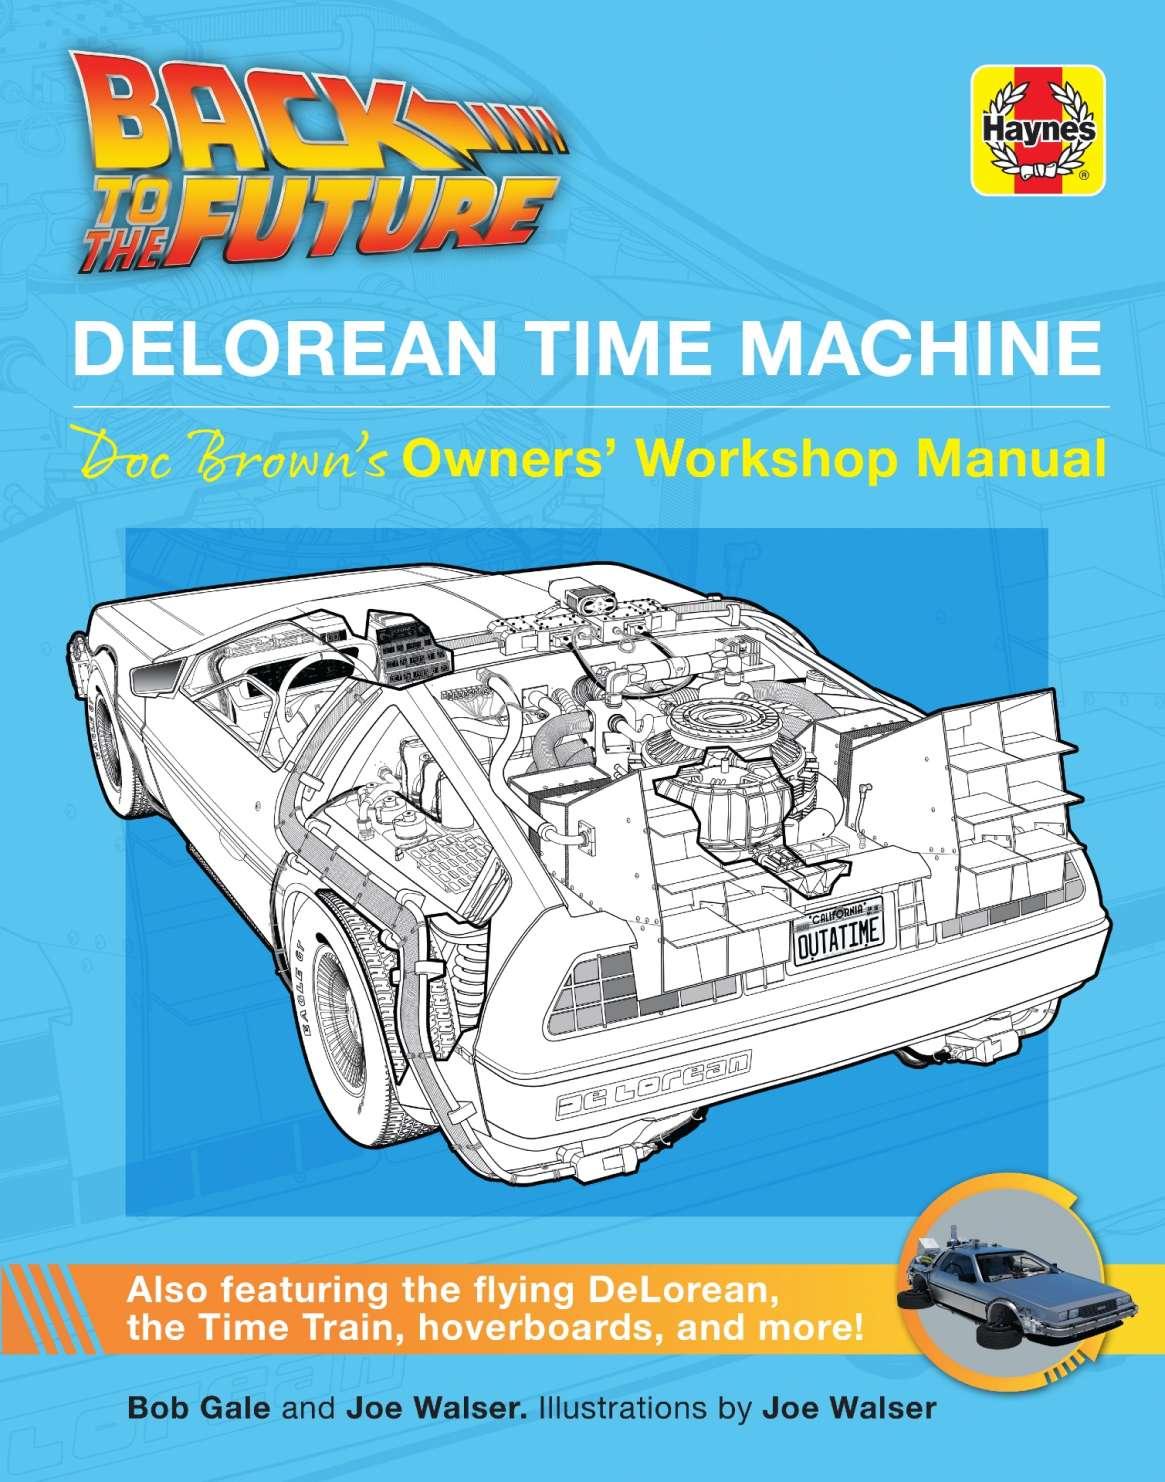 Delorean Owner's Manual